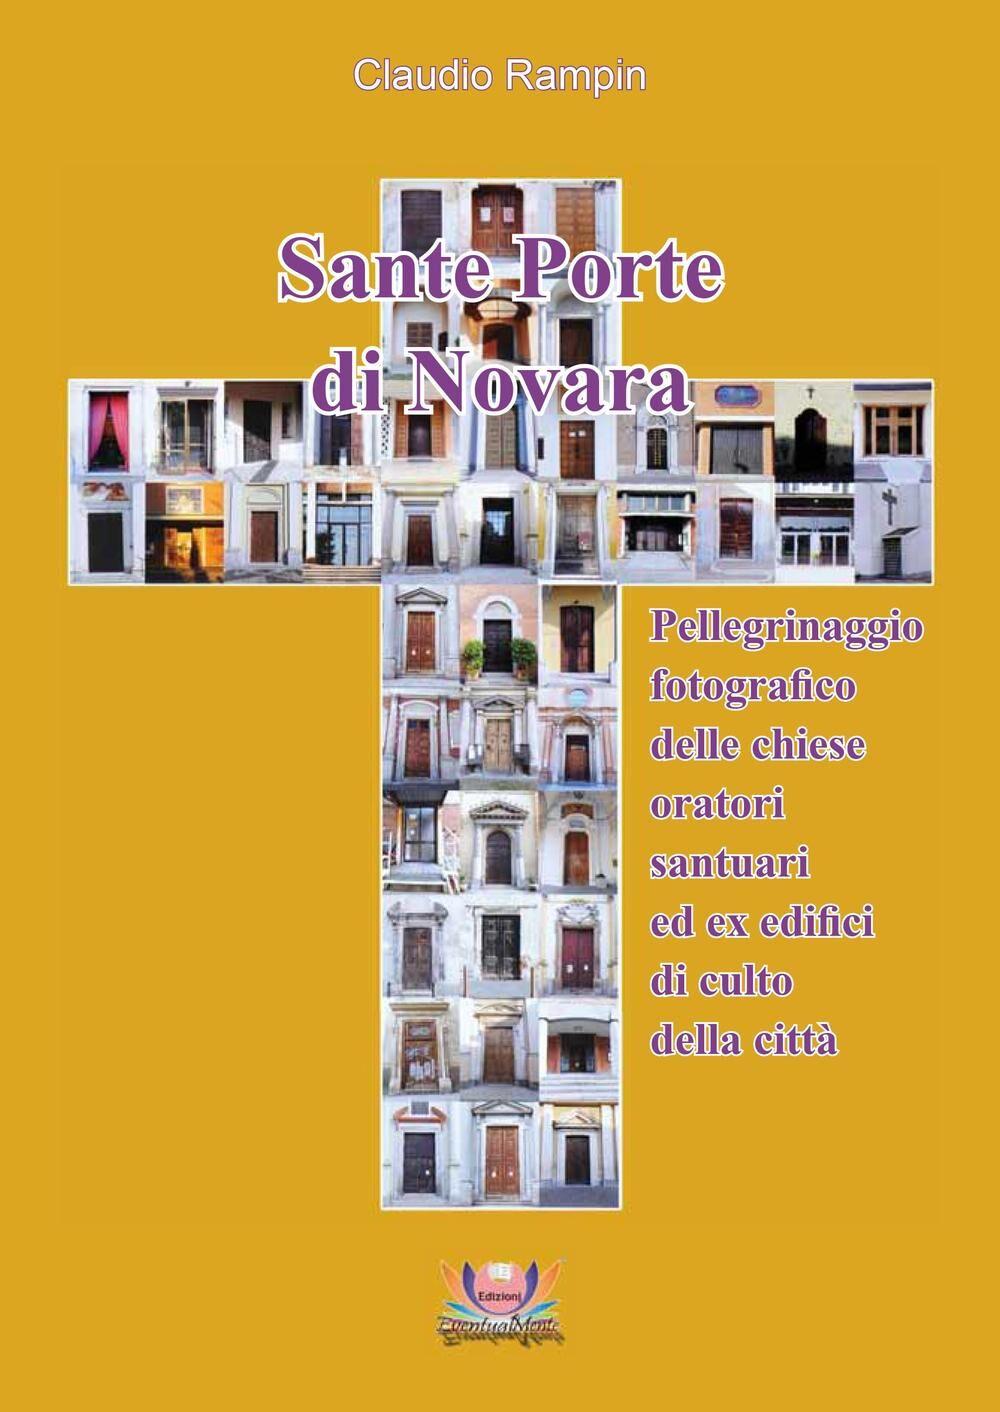 Sante porte di Novara. Pellegrinaggio fotografico delle chiese, oratori, santuari ed ex edifici di culto della città